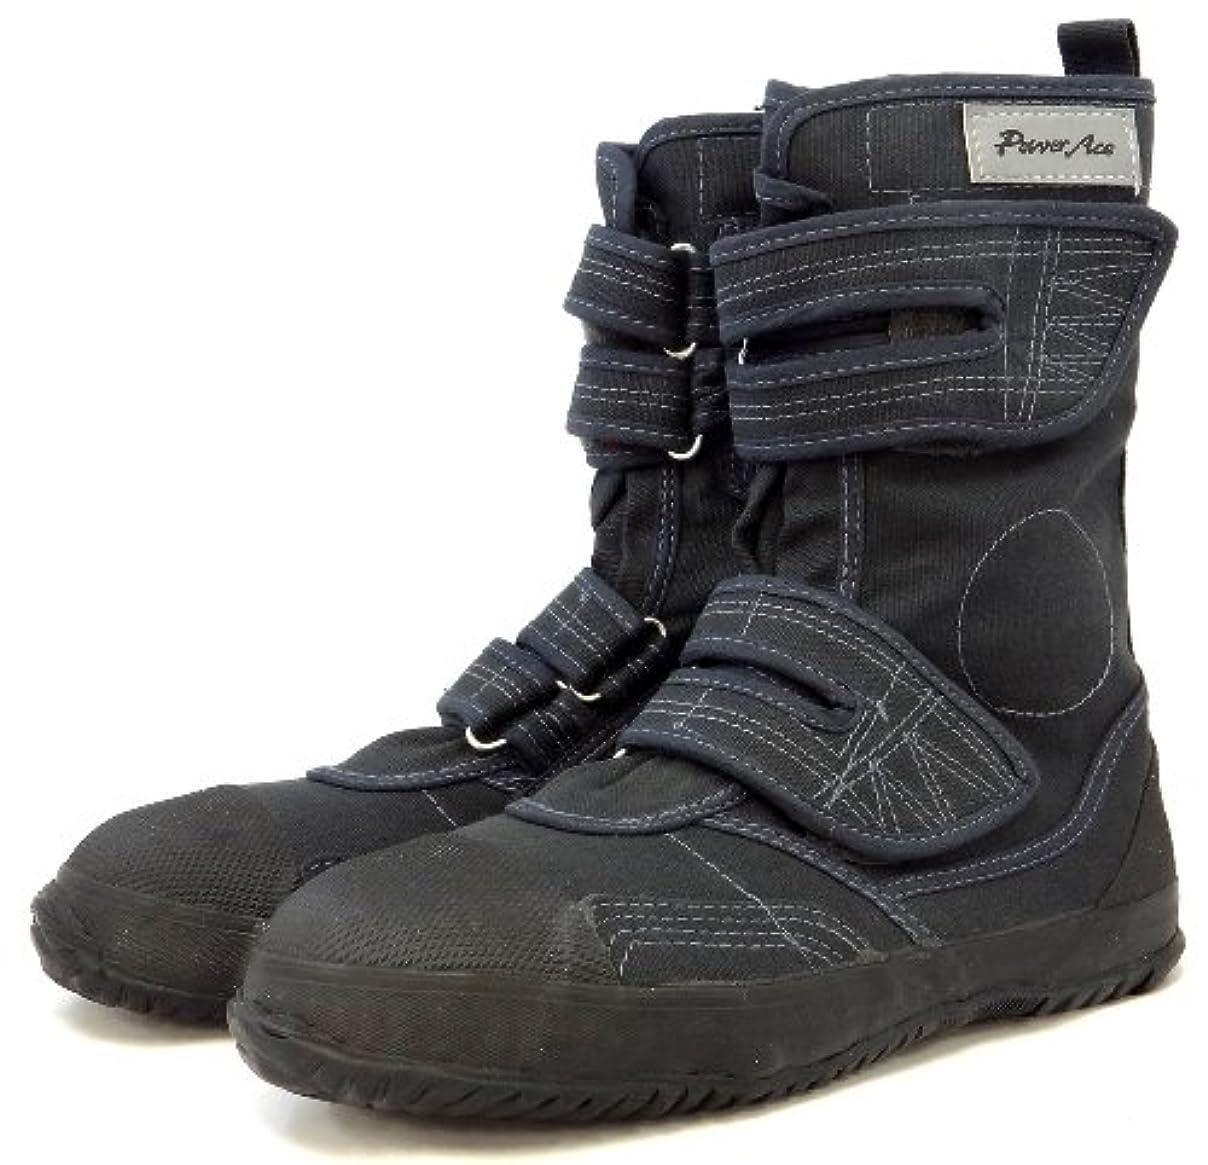 要塞ナンセンス理由力王 安全作業靴 パワーエース ハイガード グレー 26.0cm HG-207-GY